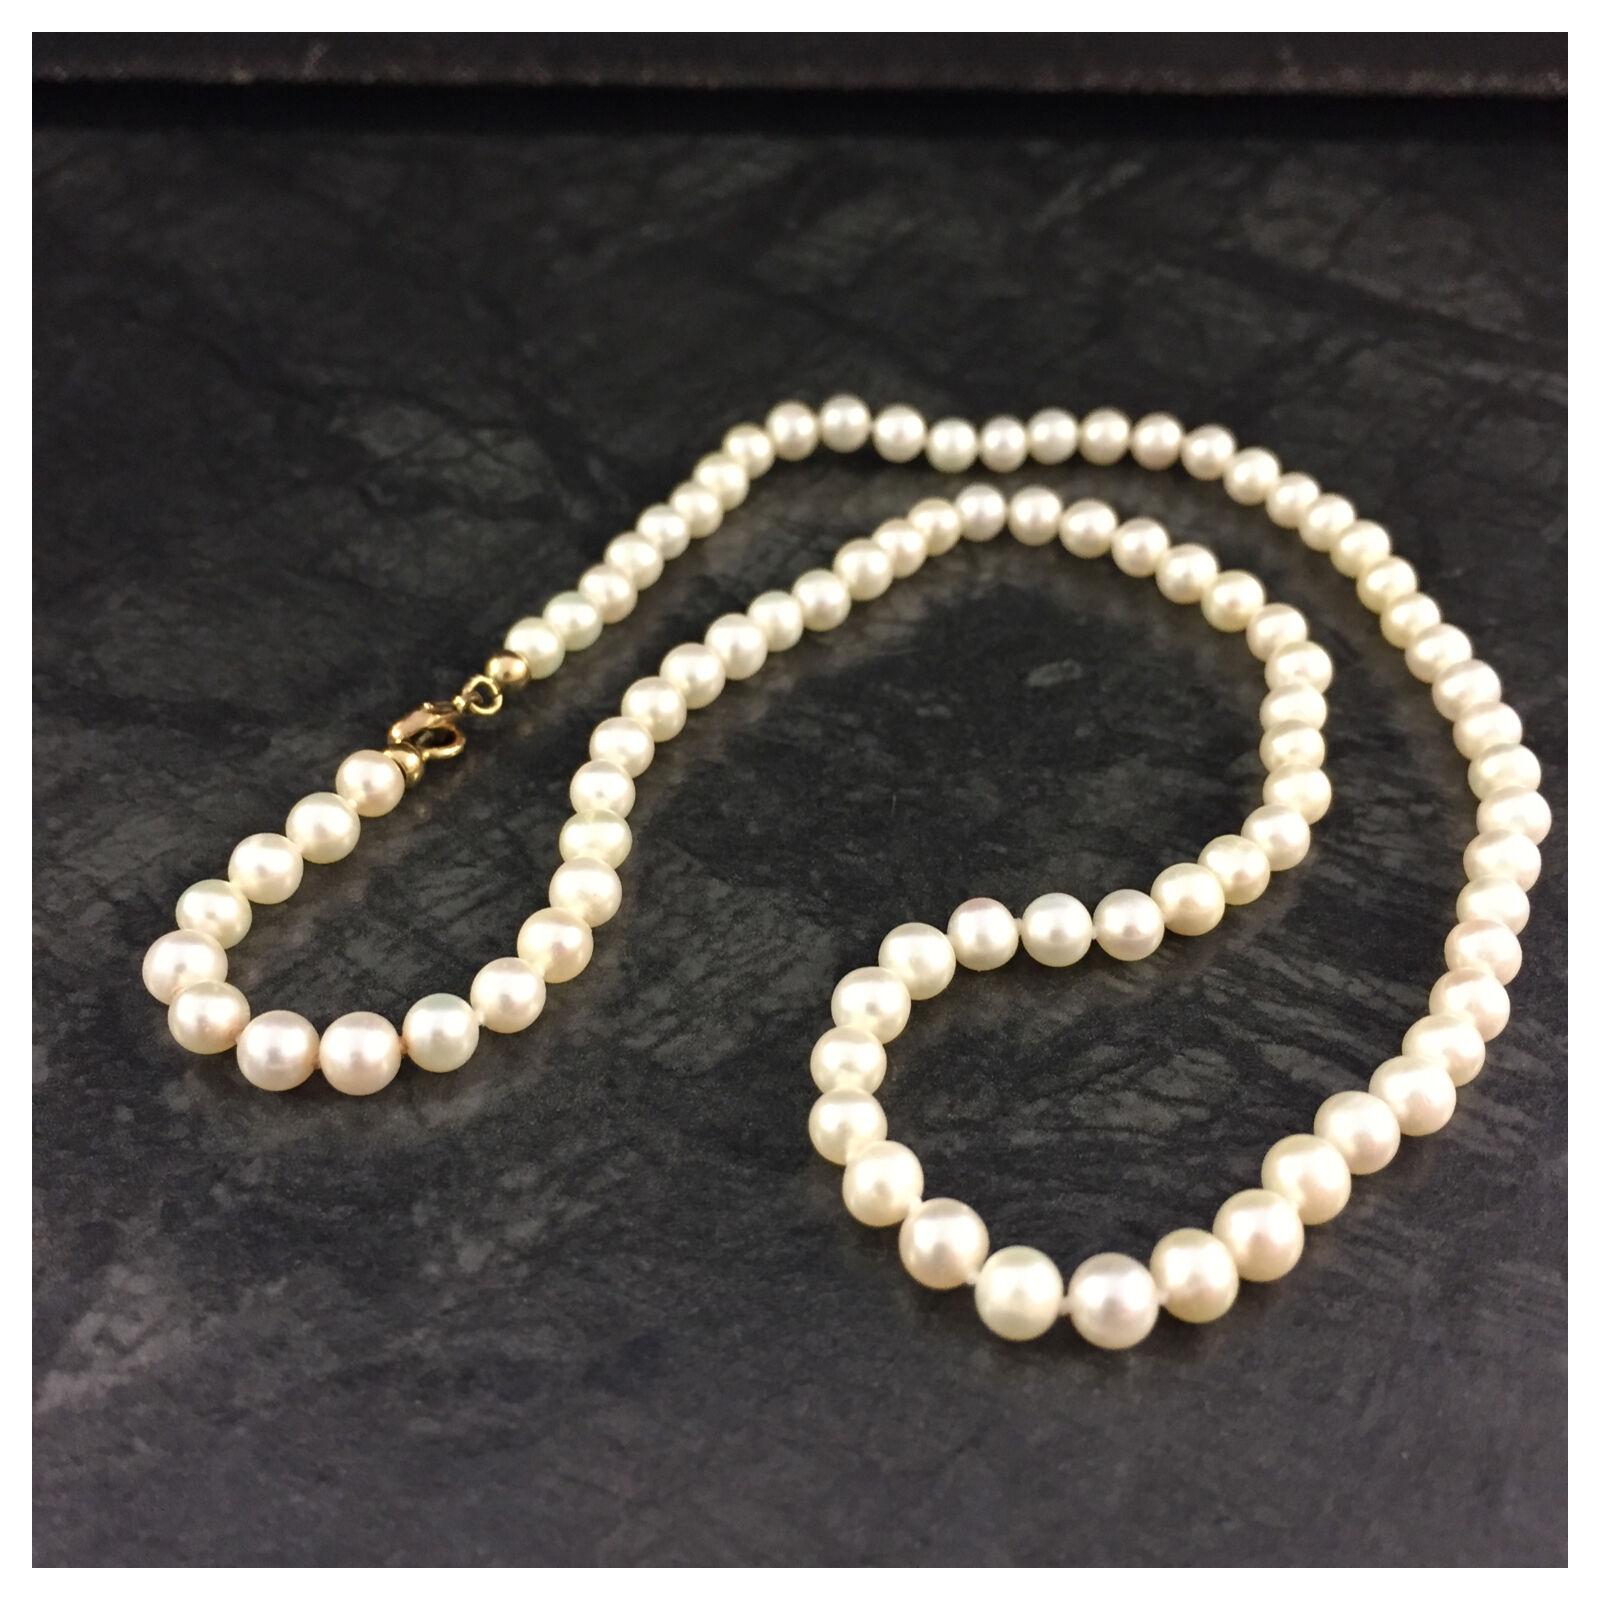 Kurze Perlenkette Collier Perlen 333er yellowgold Schließe Verschluss Karabiner